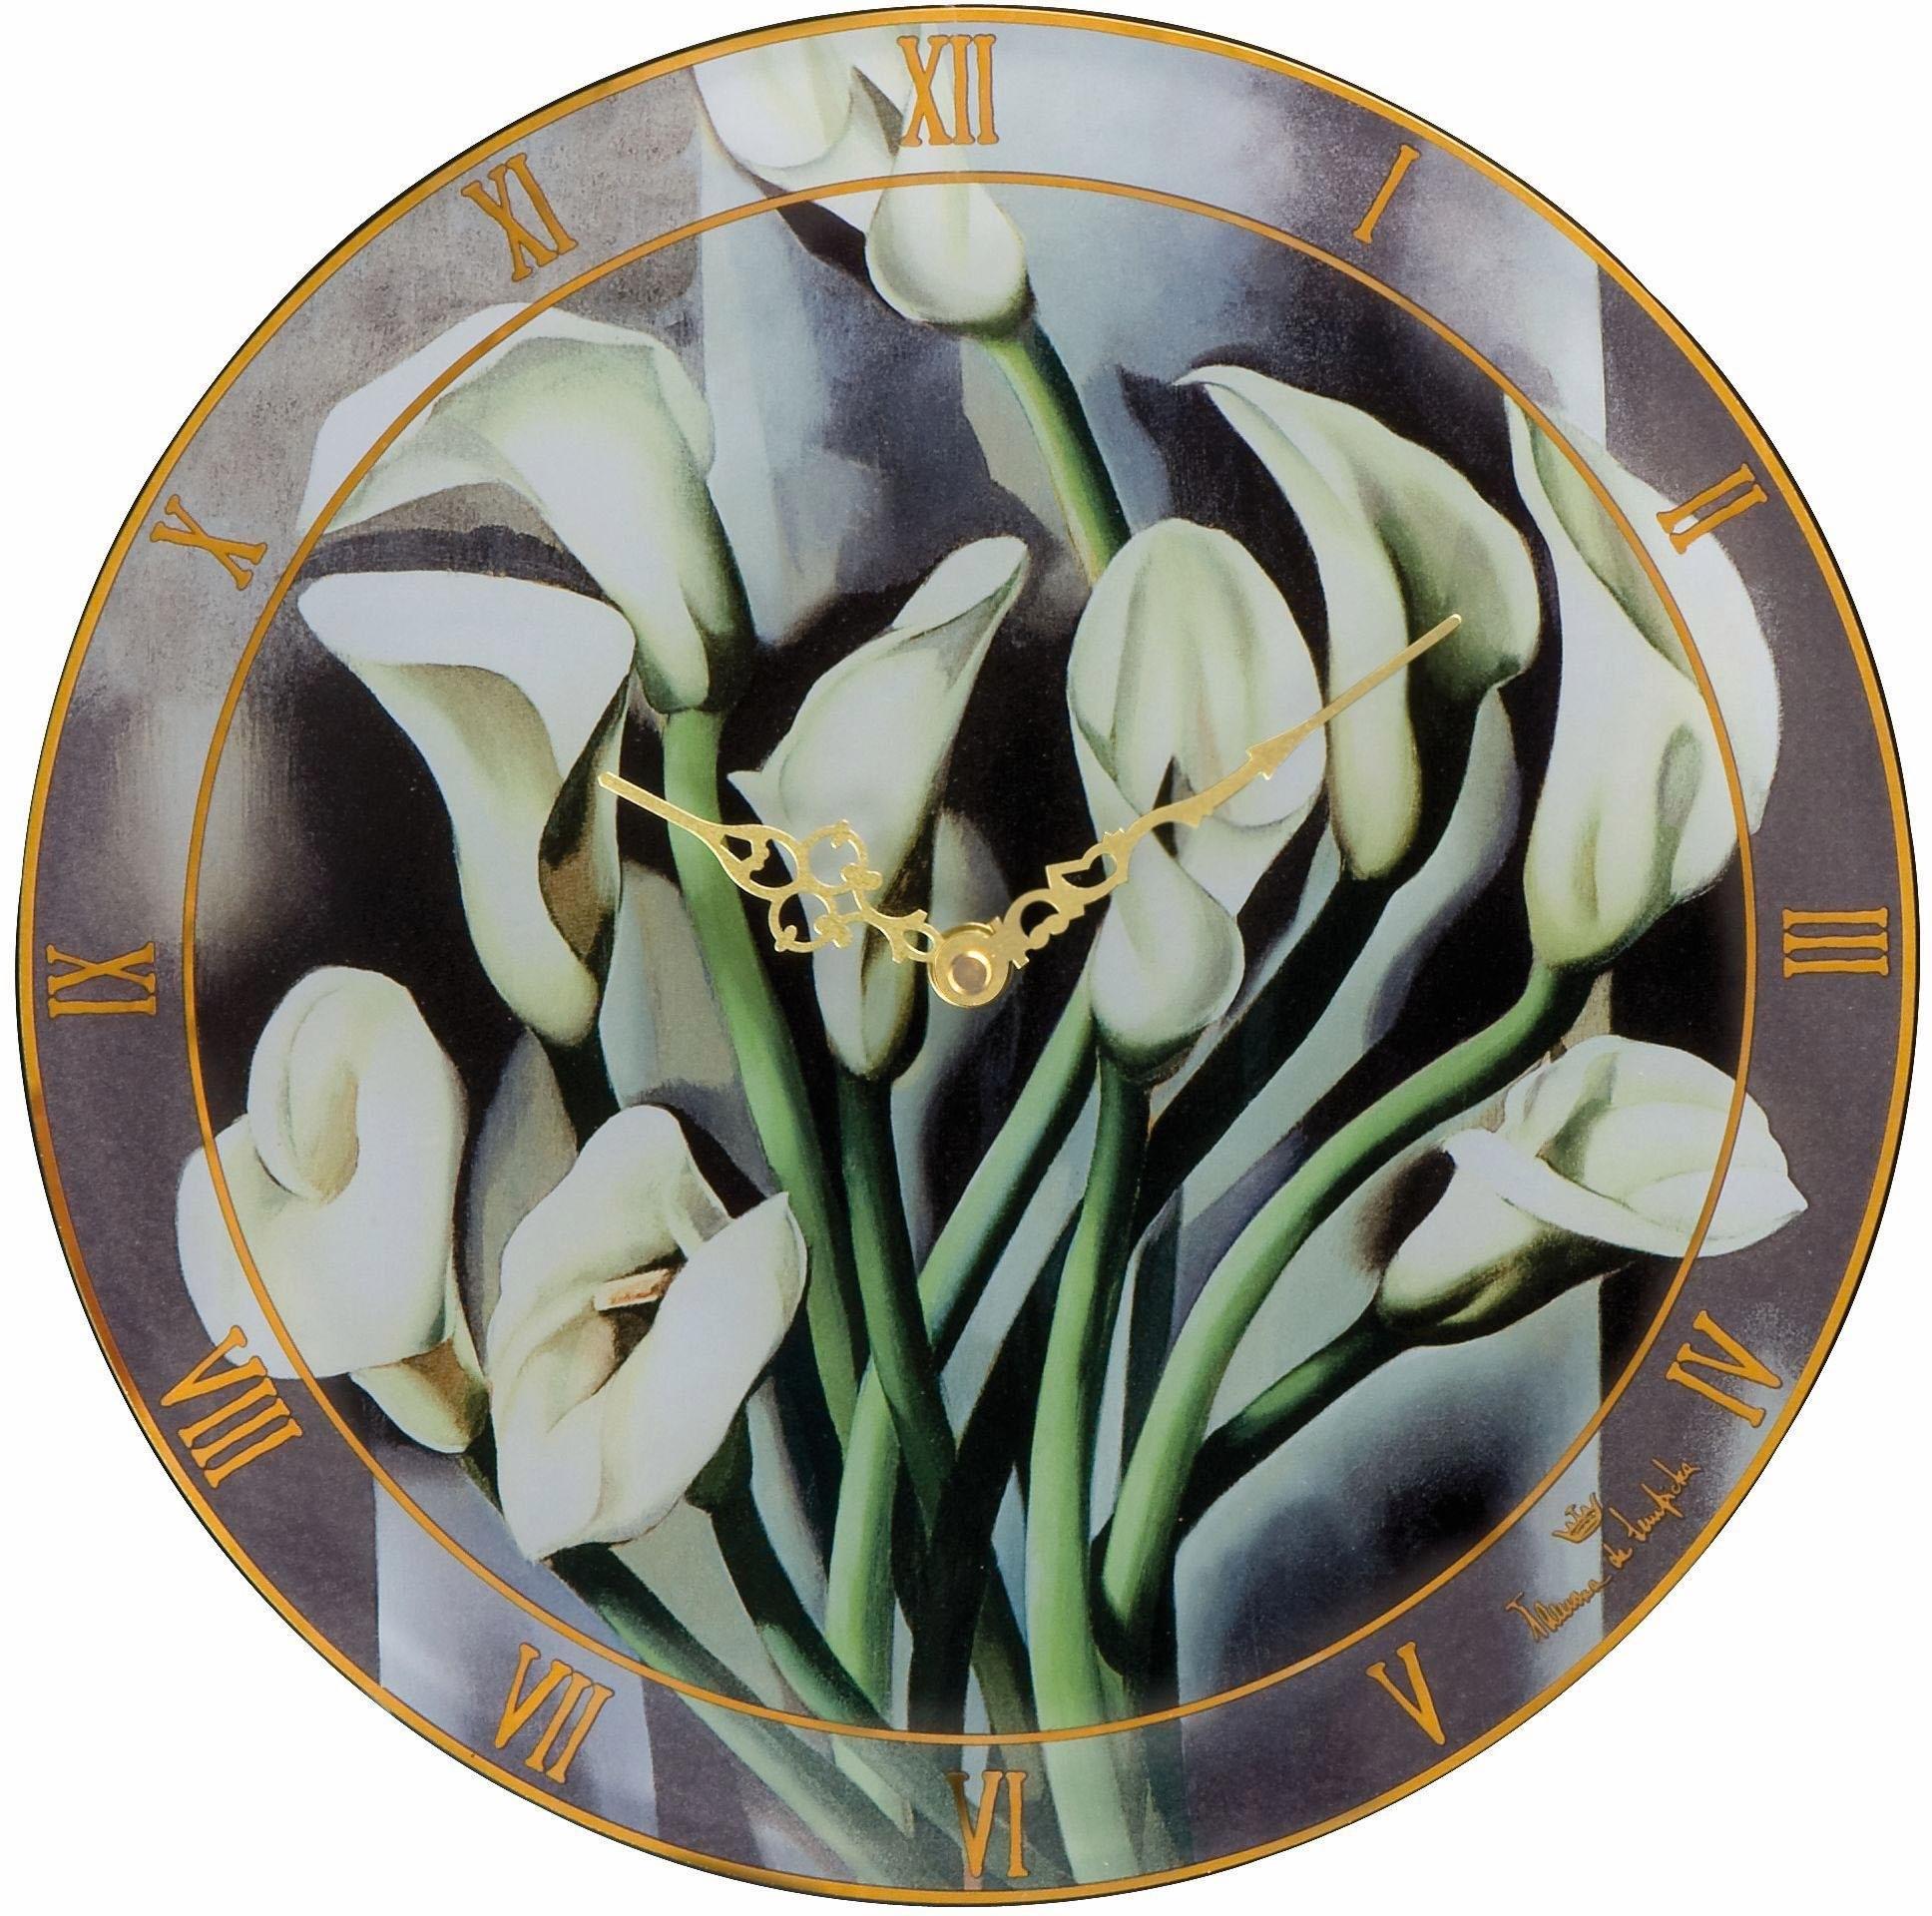 Goebel wandklok, »Artis Orbis, Callas I, 67070131« bestellen: 14 dagen bedenktijd